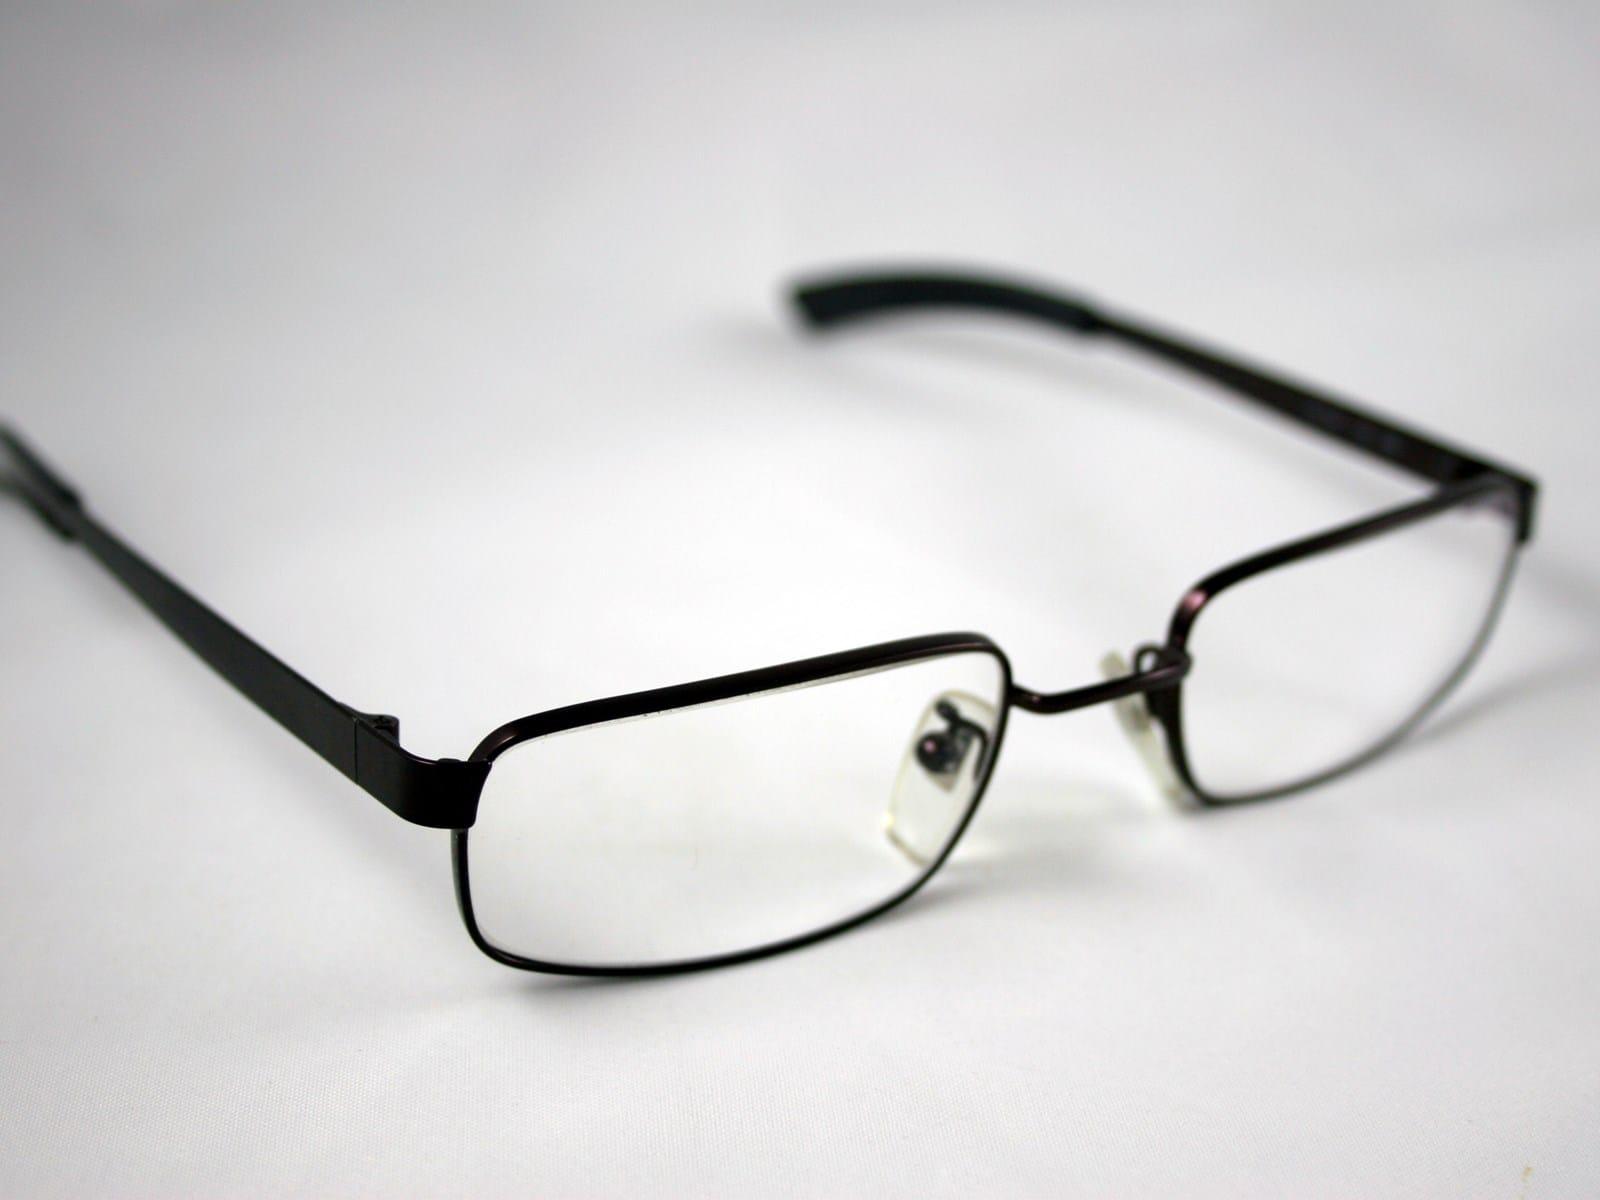 como se corrige la miopia hipermetropia y astigmatismo